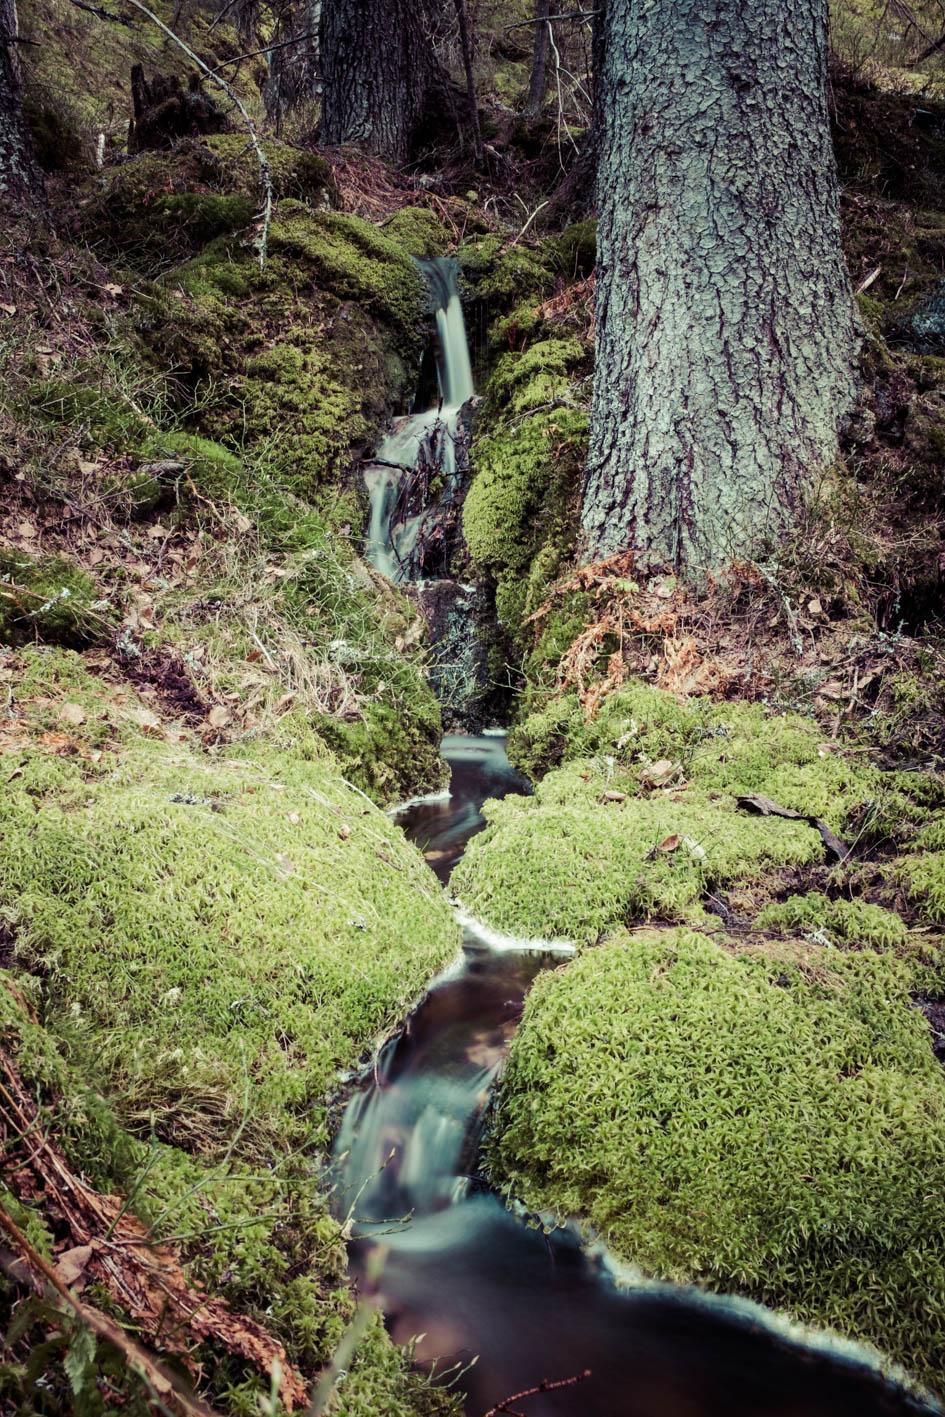 Naturen er helt urørt i dalsiden ned mot Flatdal.